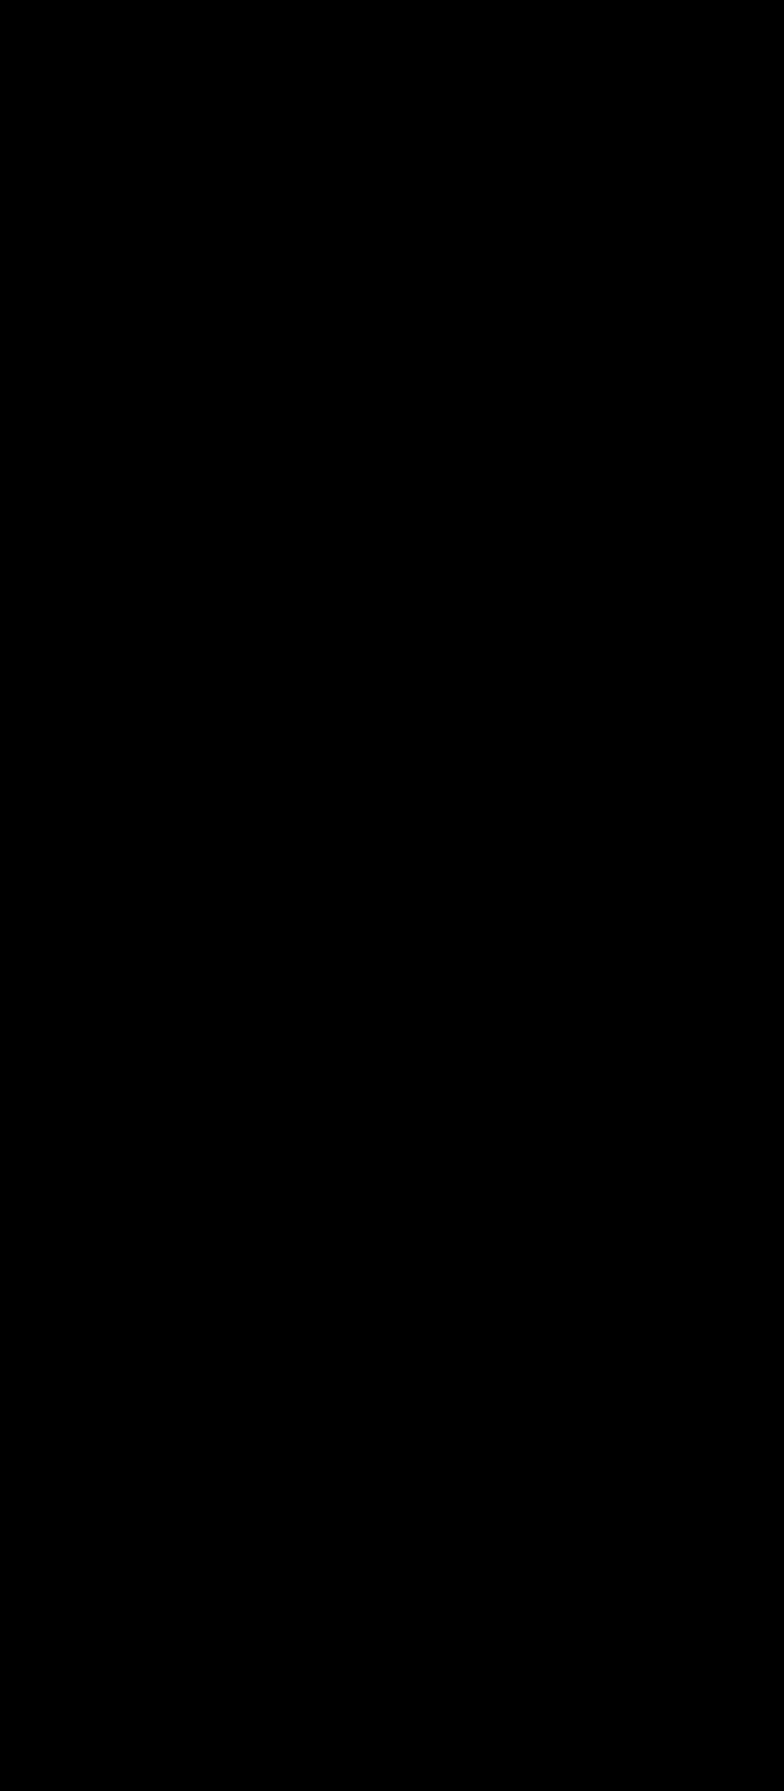 shape man black Clipart illustration in PNG, SVG